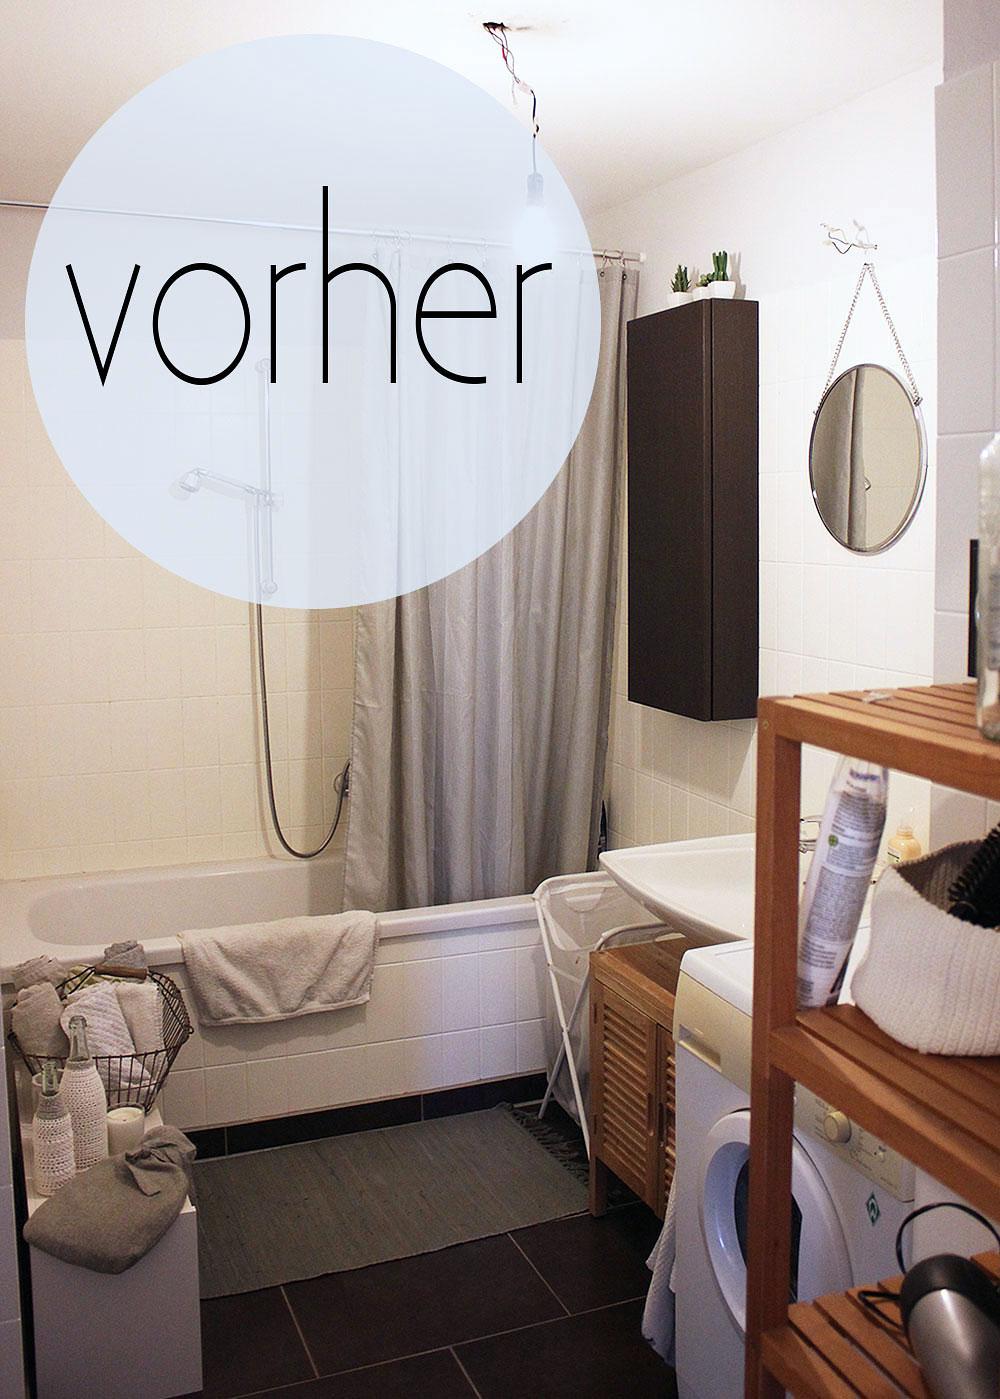 Amüsant Mein Bad Ideen Von Badezimmer-vorher-1